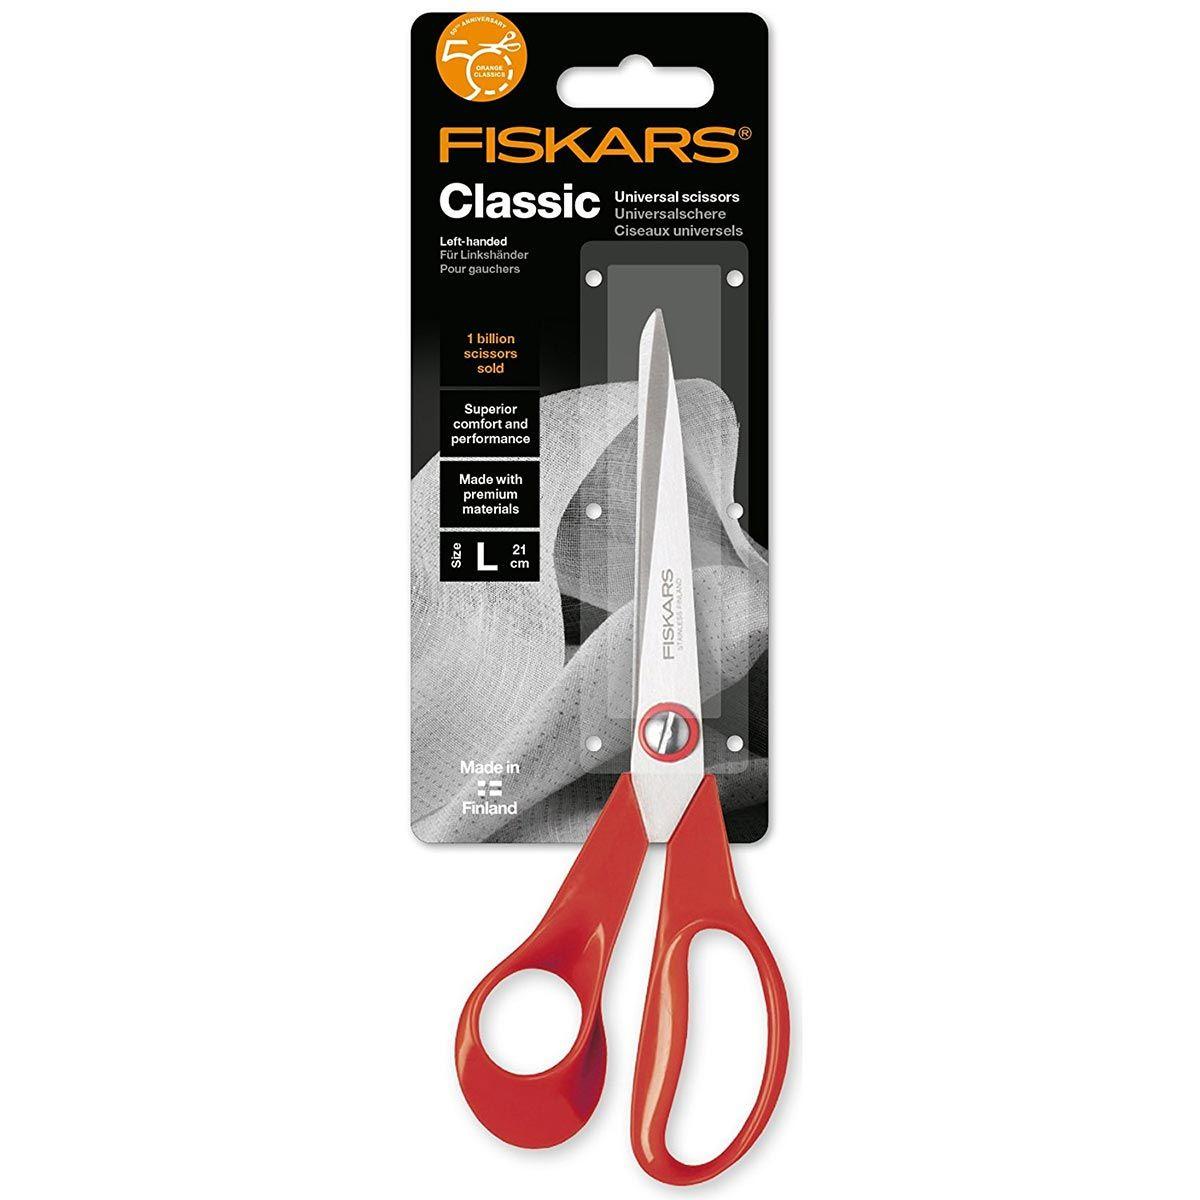 Ciseaux Fiskars classic universels gauchers 21 cm